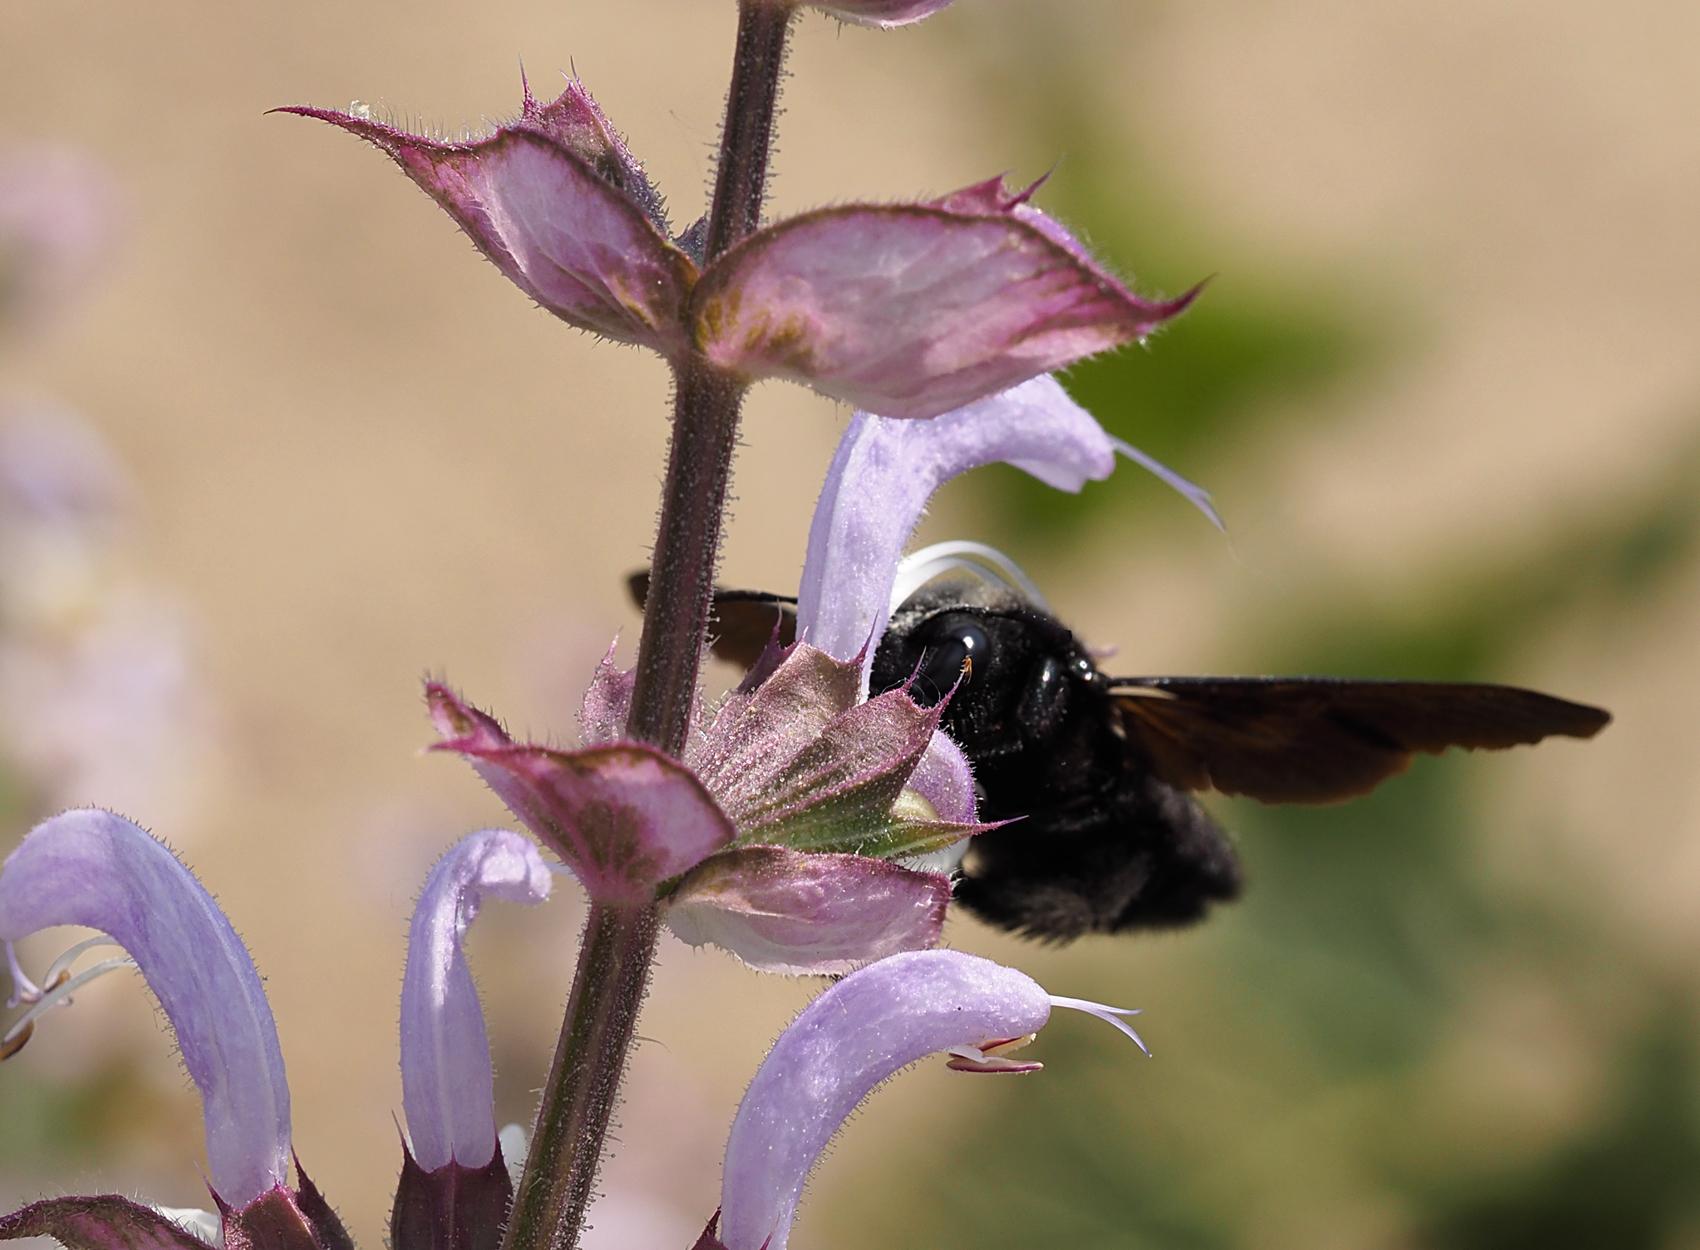 Blauschwarze Holzbiene03 (Xylocopa violacea)